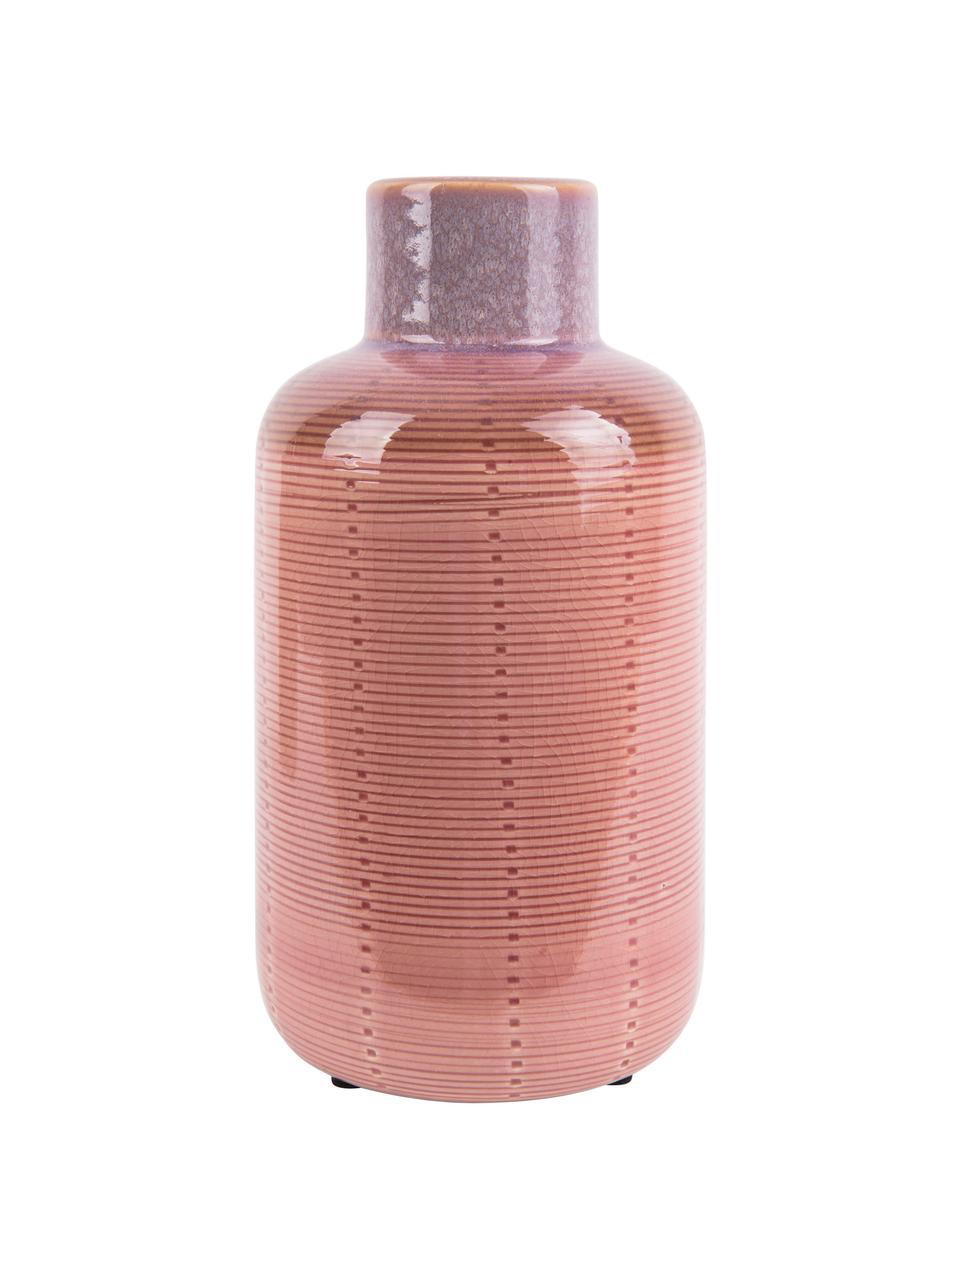 Wazon z ceramiki Bottle, Ceramika, Blady różowy, Ø 12 x W 23 cm